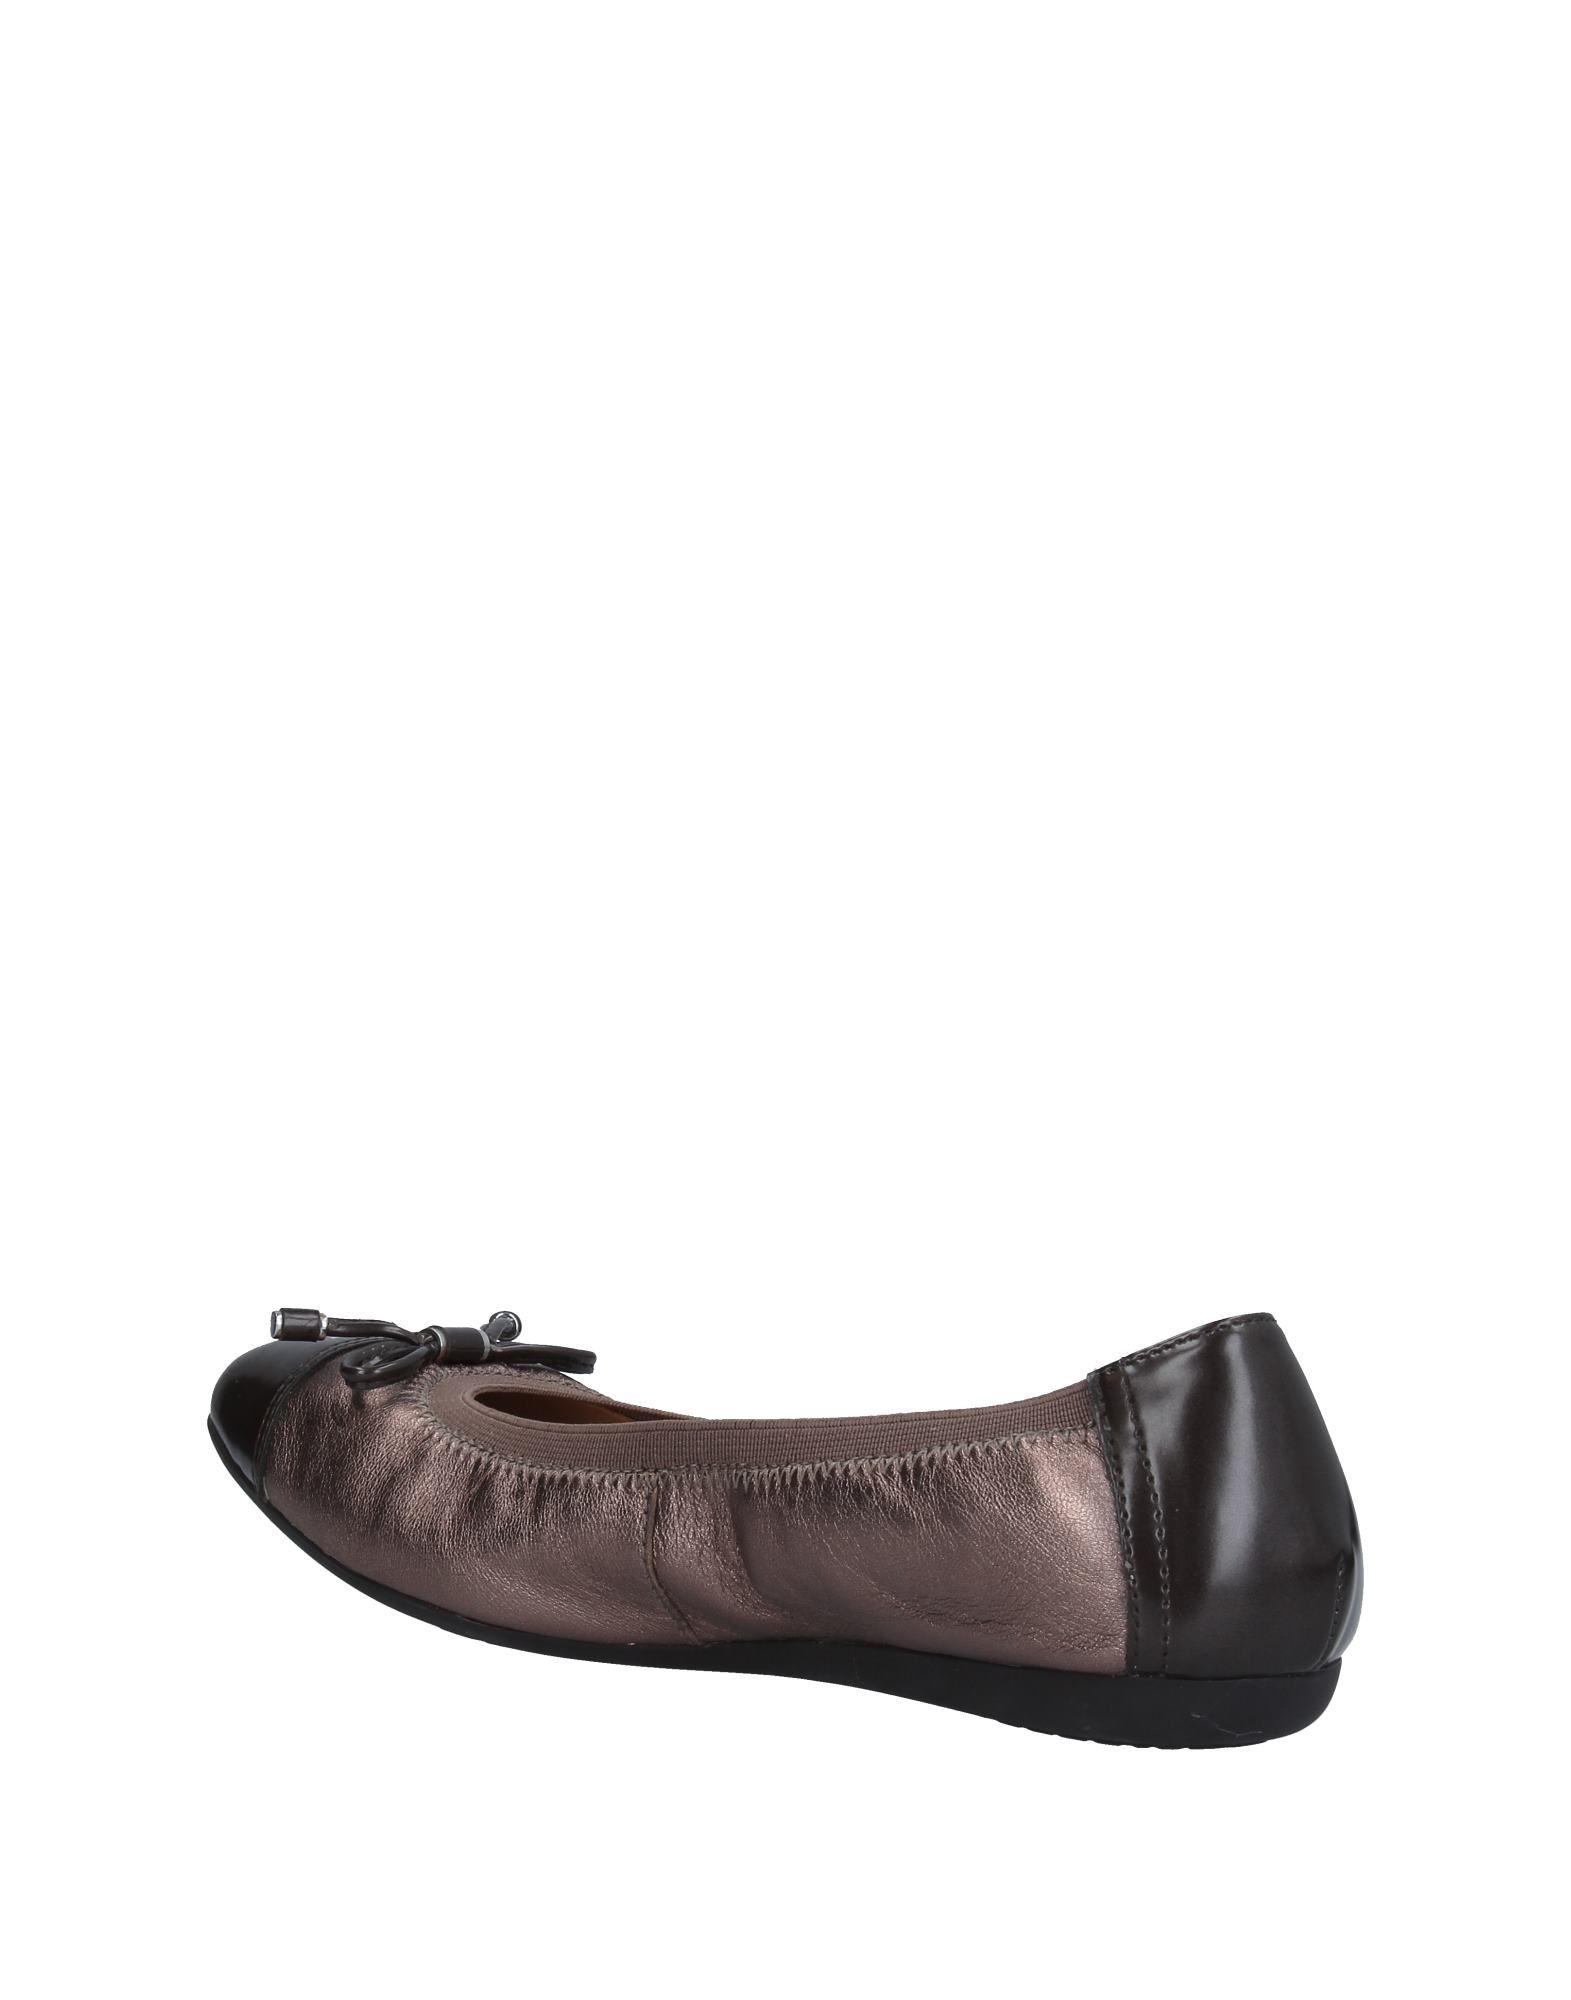 Geox Ballerinas Damen  11311845RF Heiße Schuhe Schuhe Heiße f4498d